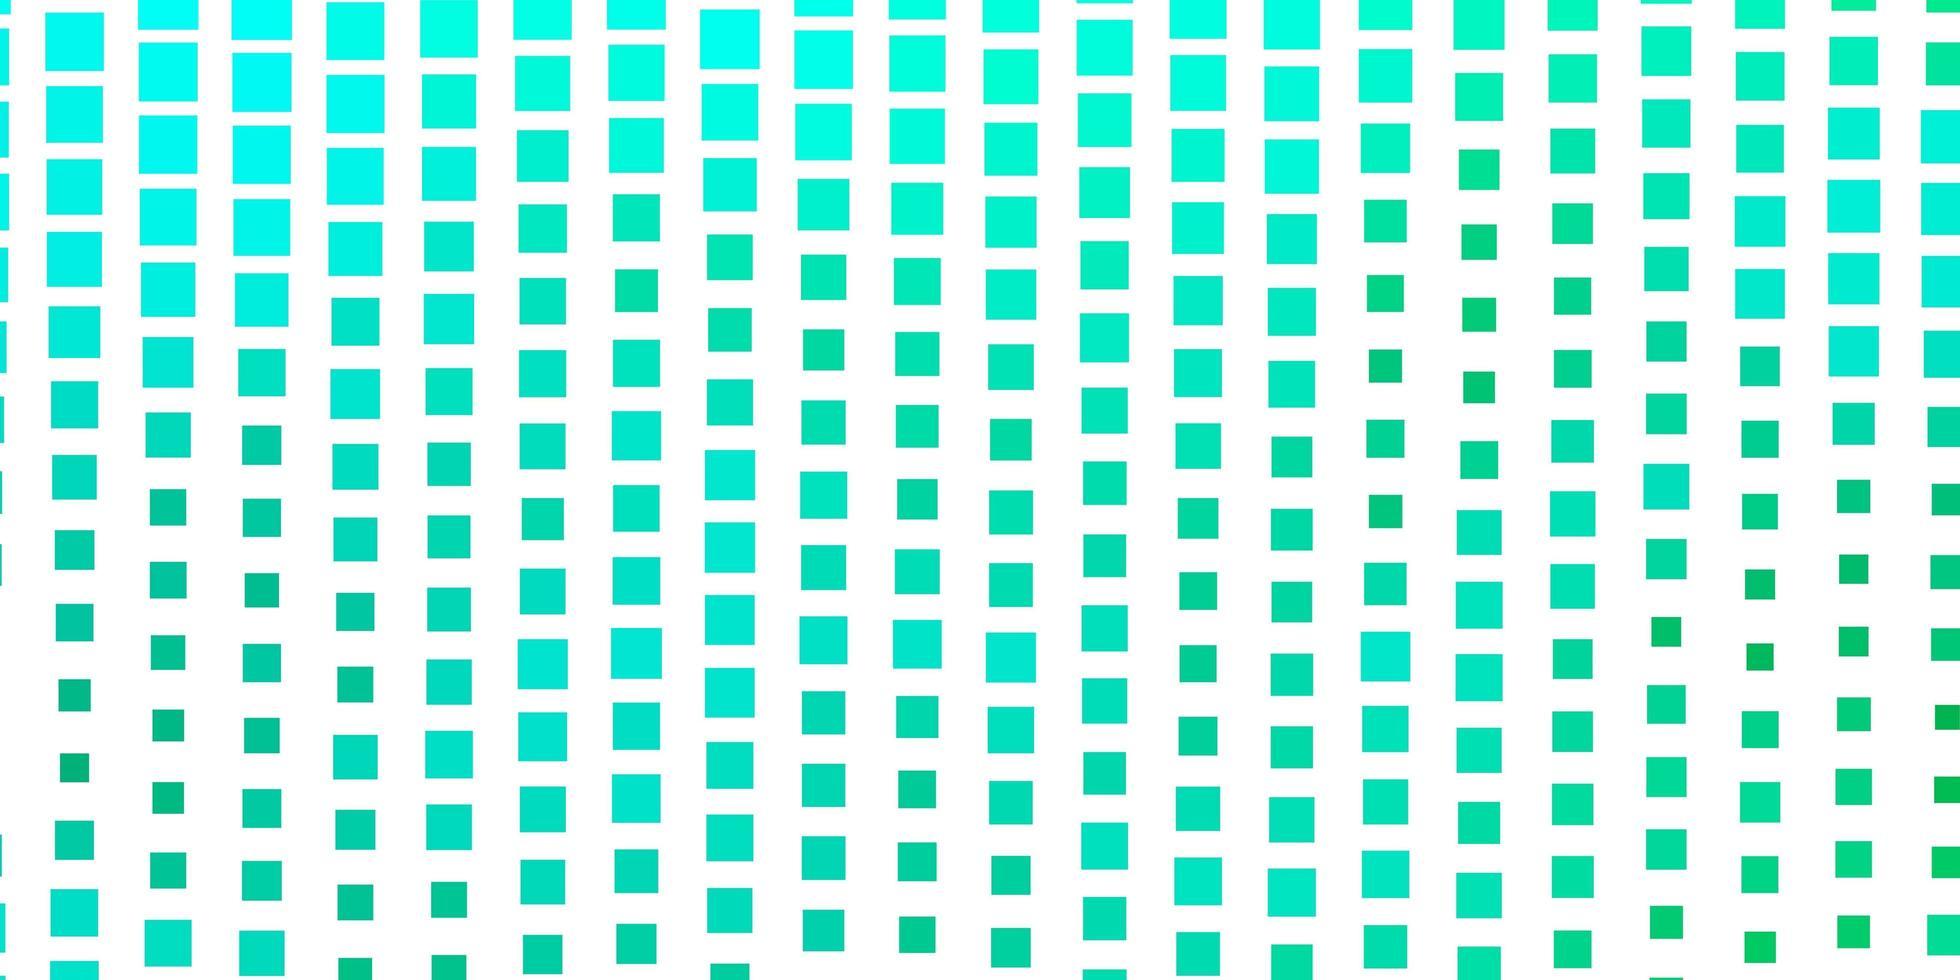 lichtgroene vectorachtergrond met rechthoeken. vector